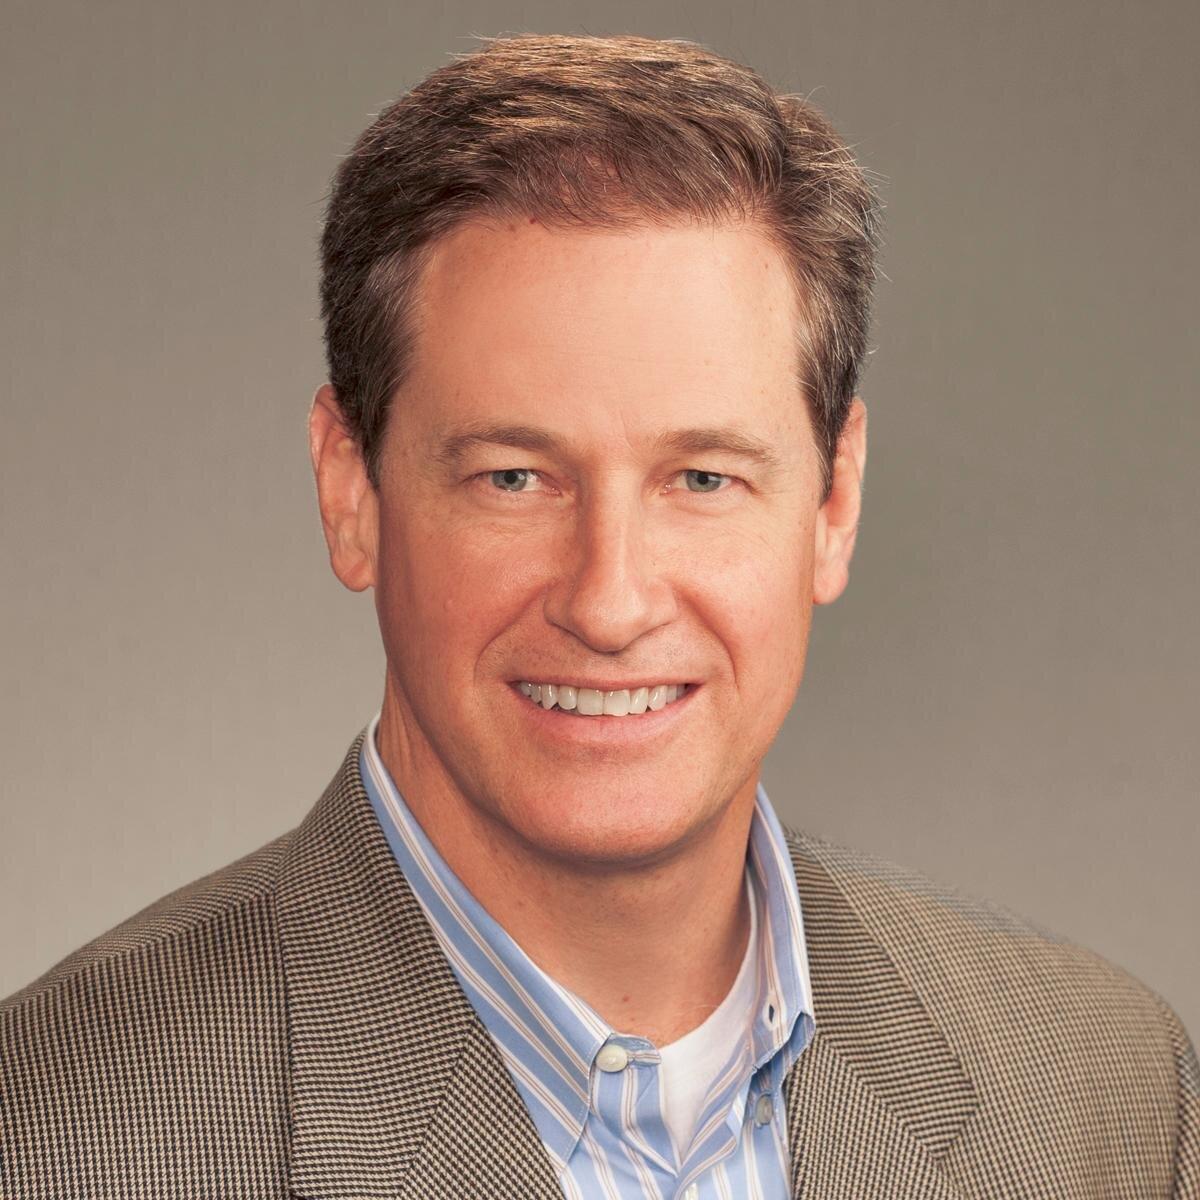 David Worley